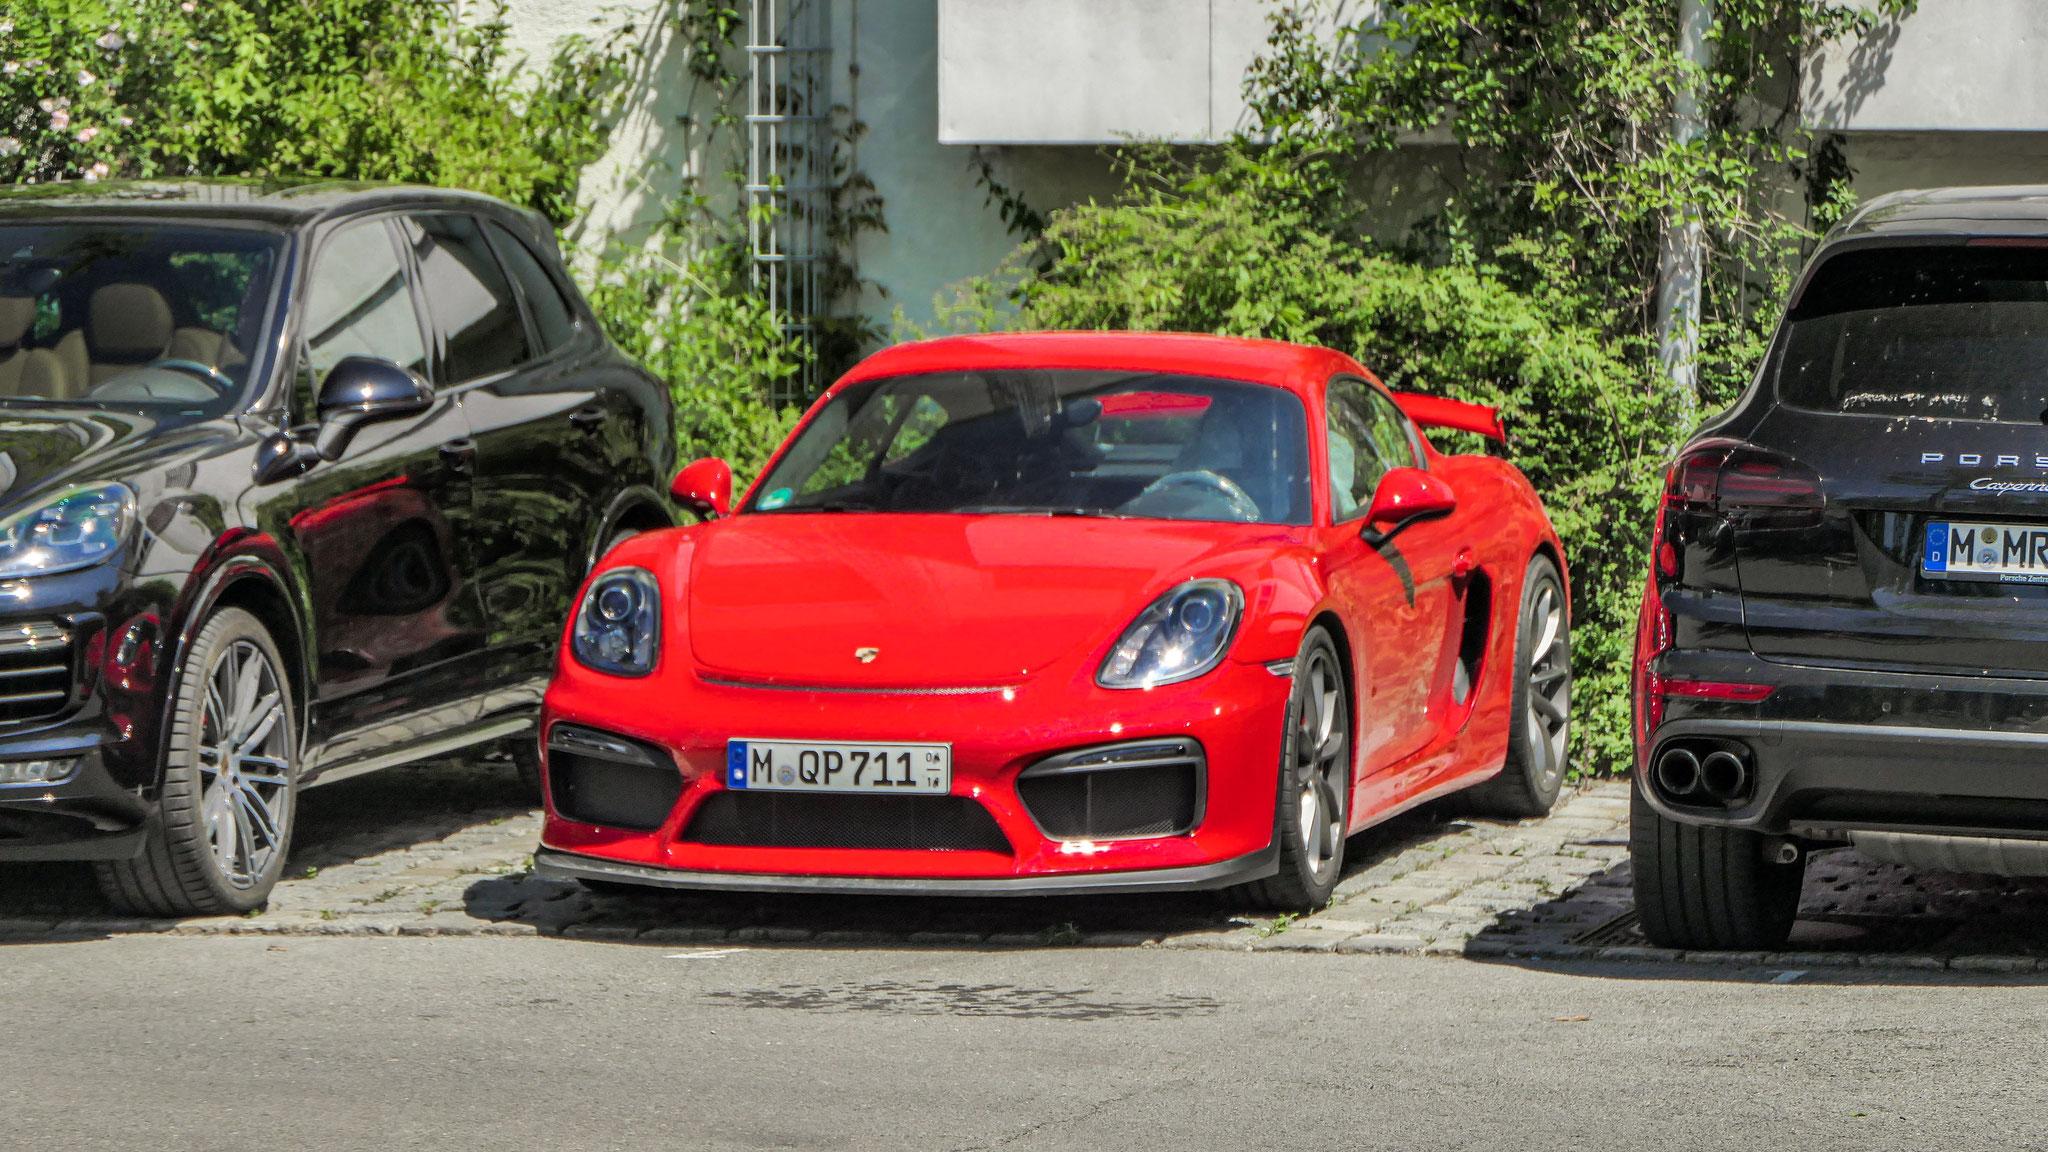 Porsche Cayman GT4 - M-QP-711